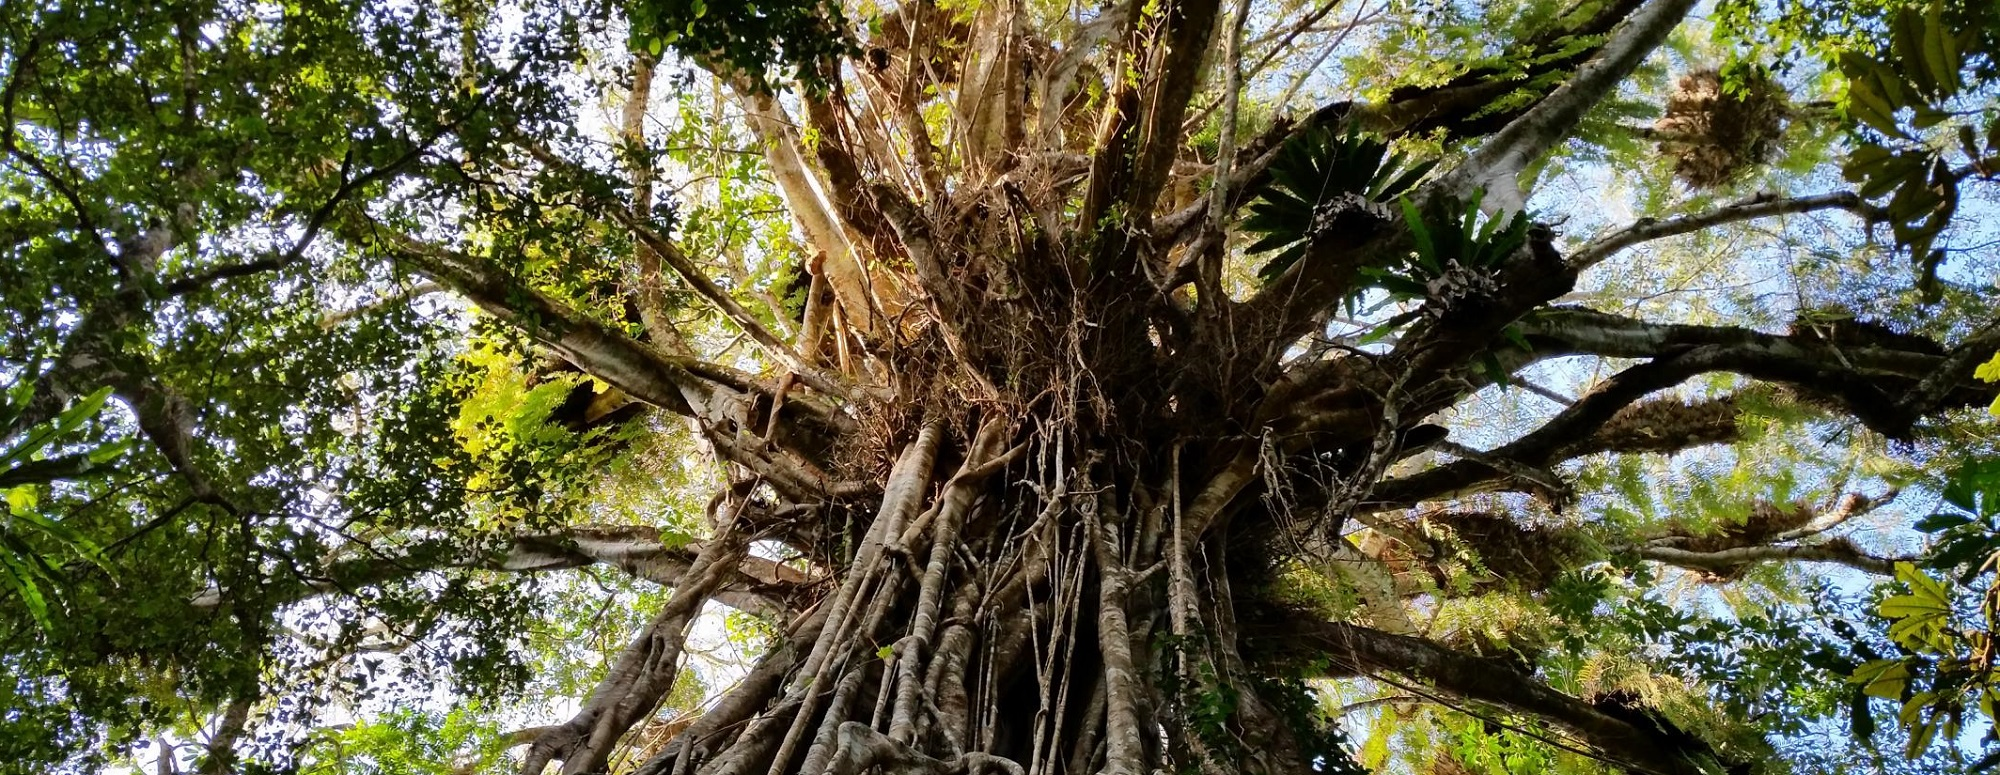 Cathedral Fig Tree Tinaroo Danbulla Atherton Tablelands